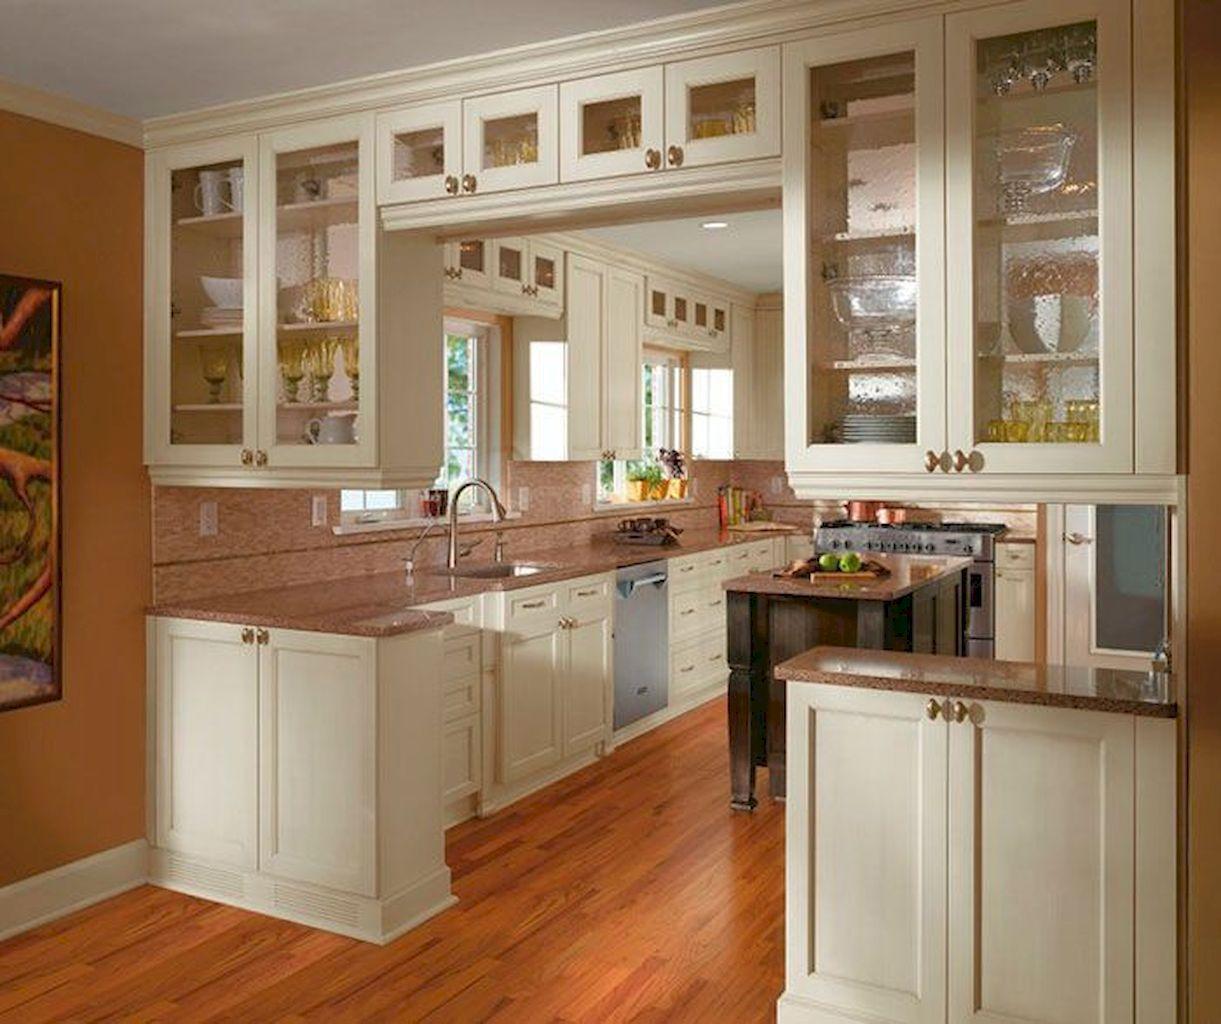 best off white kitchen cabinets design ideas  kitchen